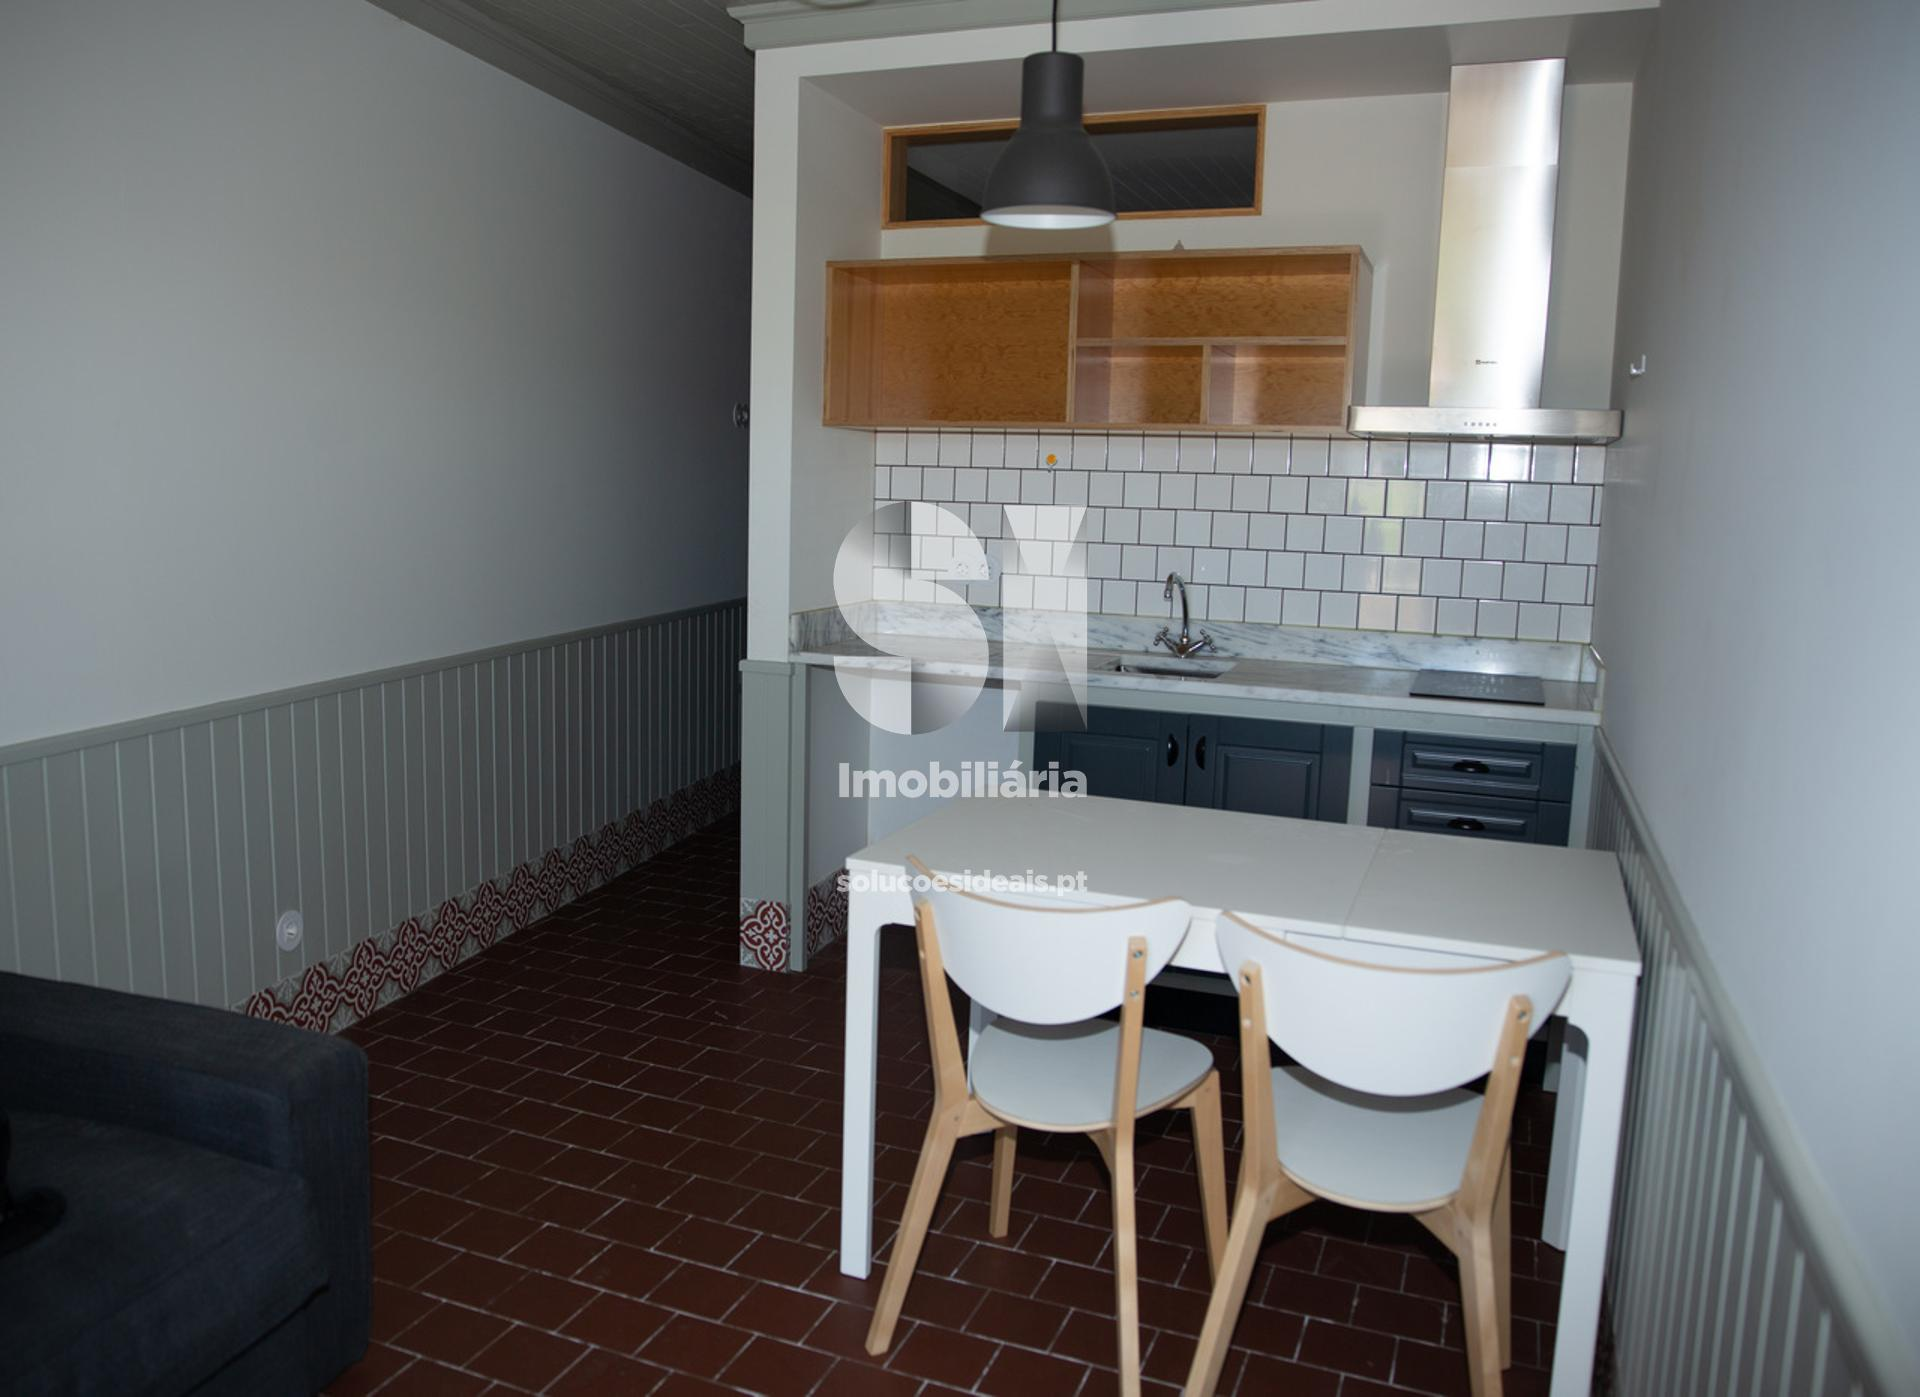 apartamento t0 para arrendamento em coimbra uniao das freguesias de coimbra se nova santa cruz almedina e sao bartolomeu universidade SEDRC9724